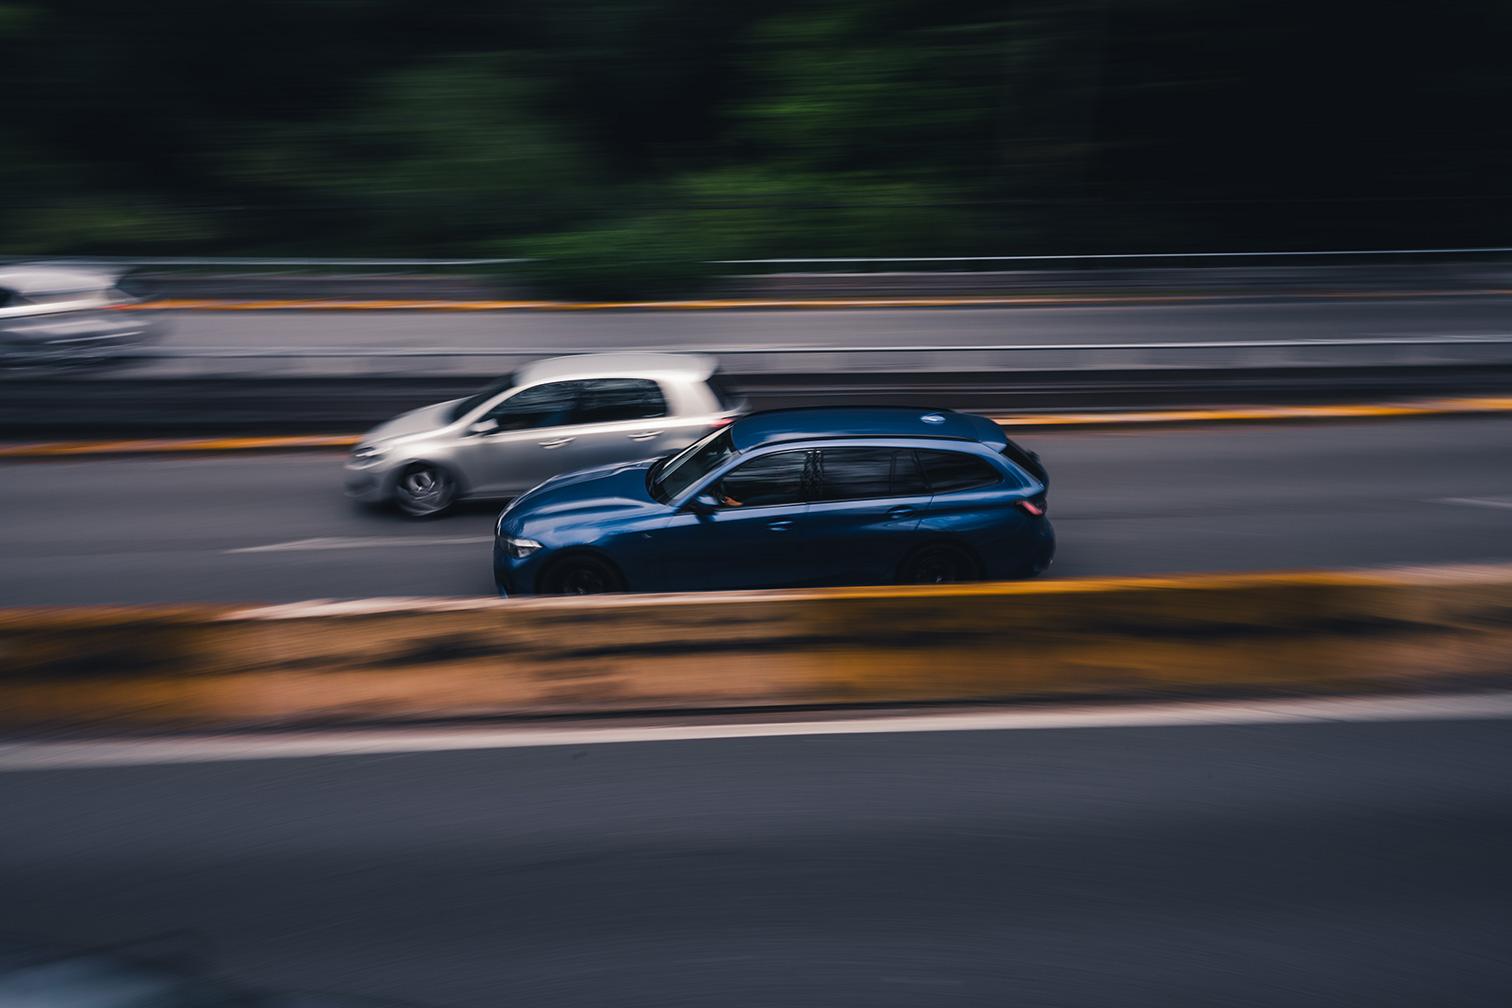 Brussel car BMW panning shot